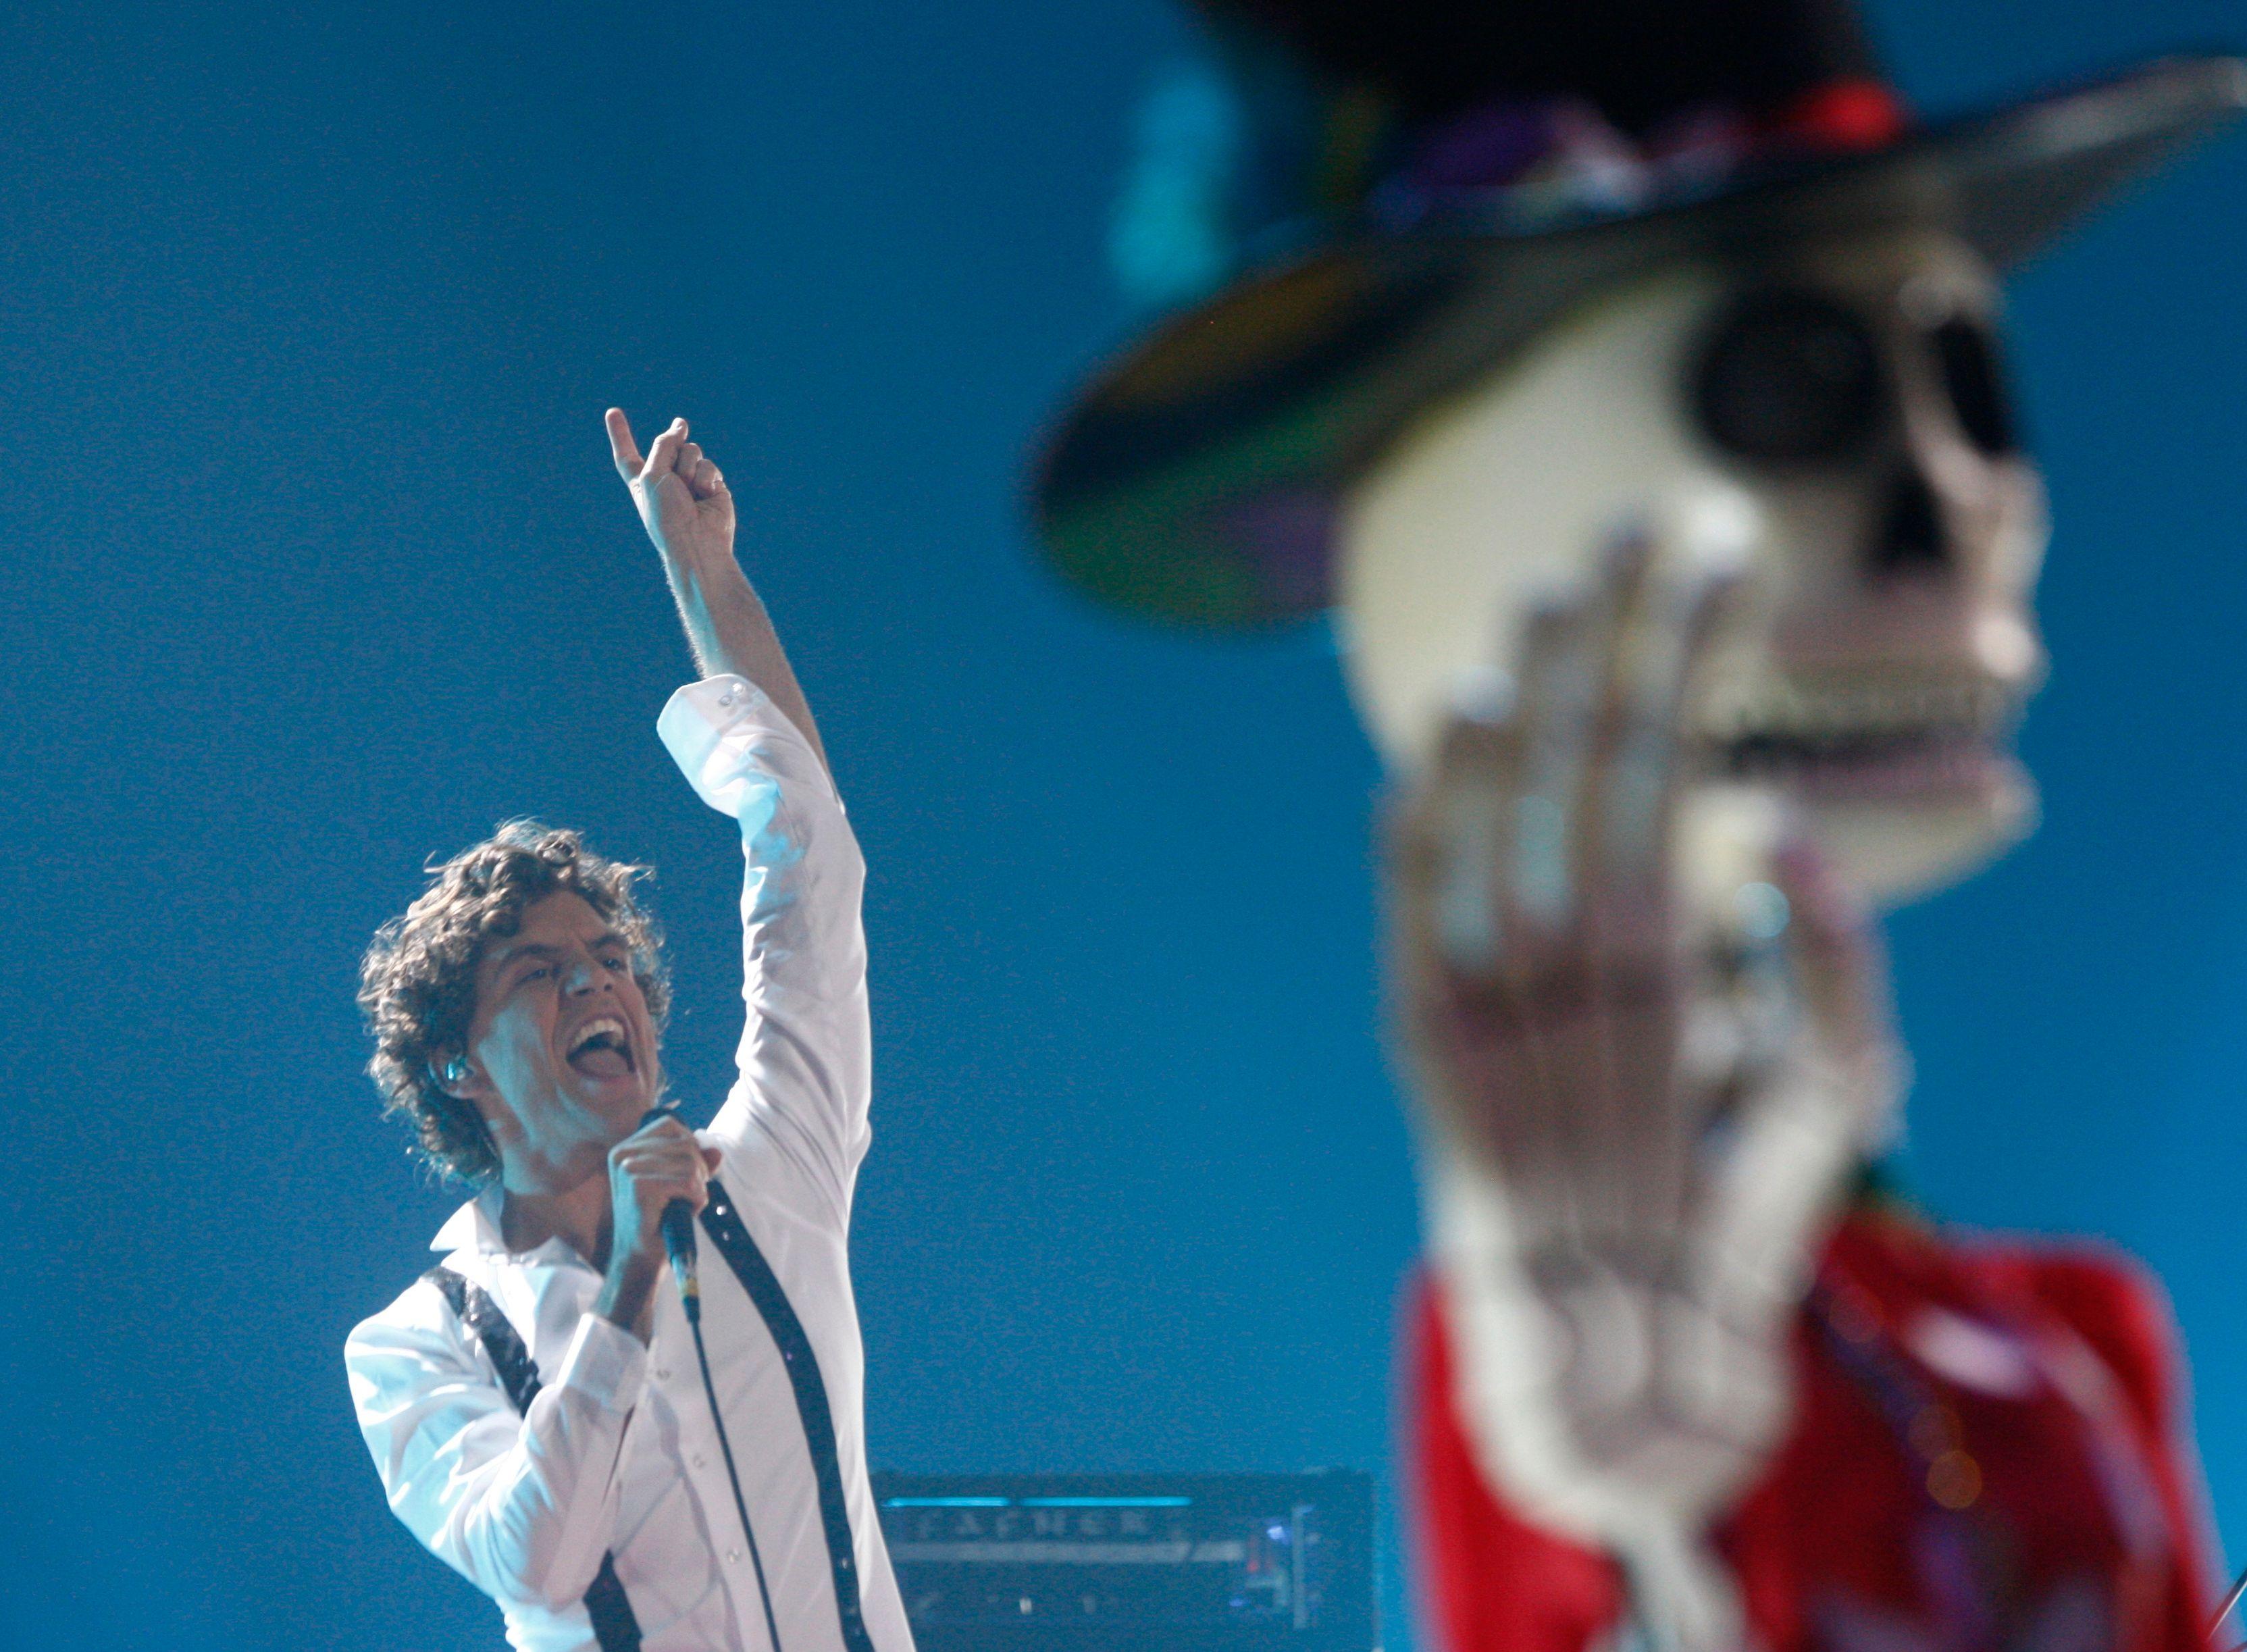 Le chanteur Mika a un pouvoir d'influence considérable.